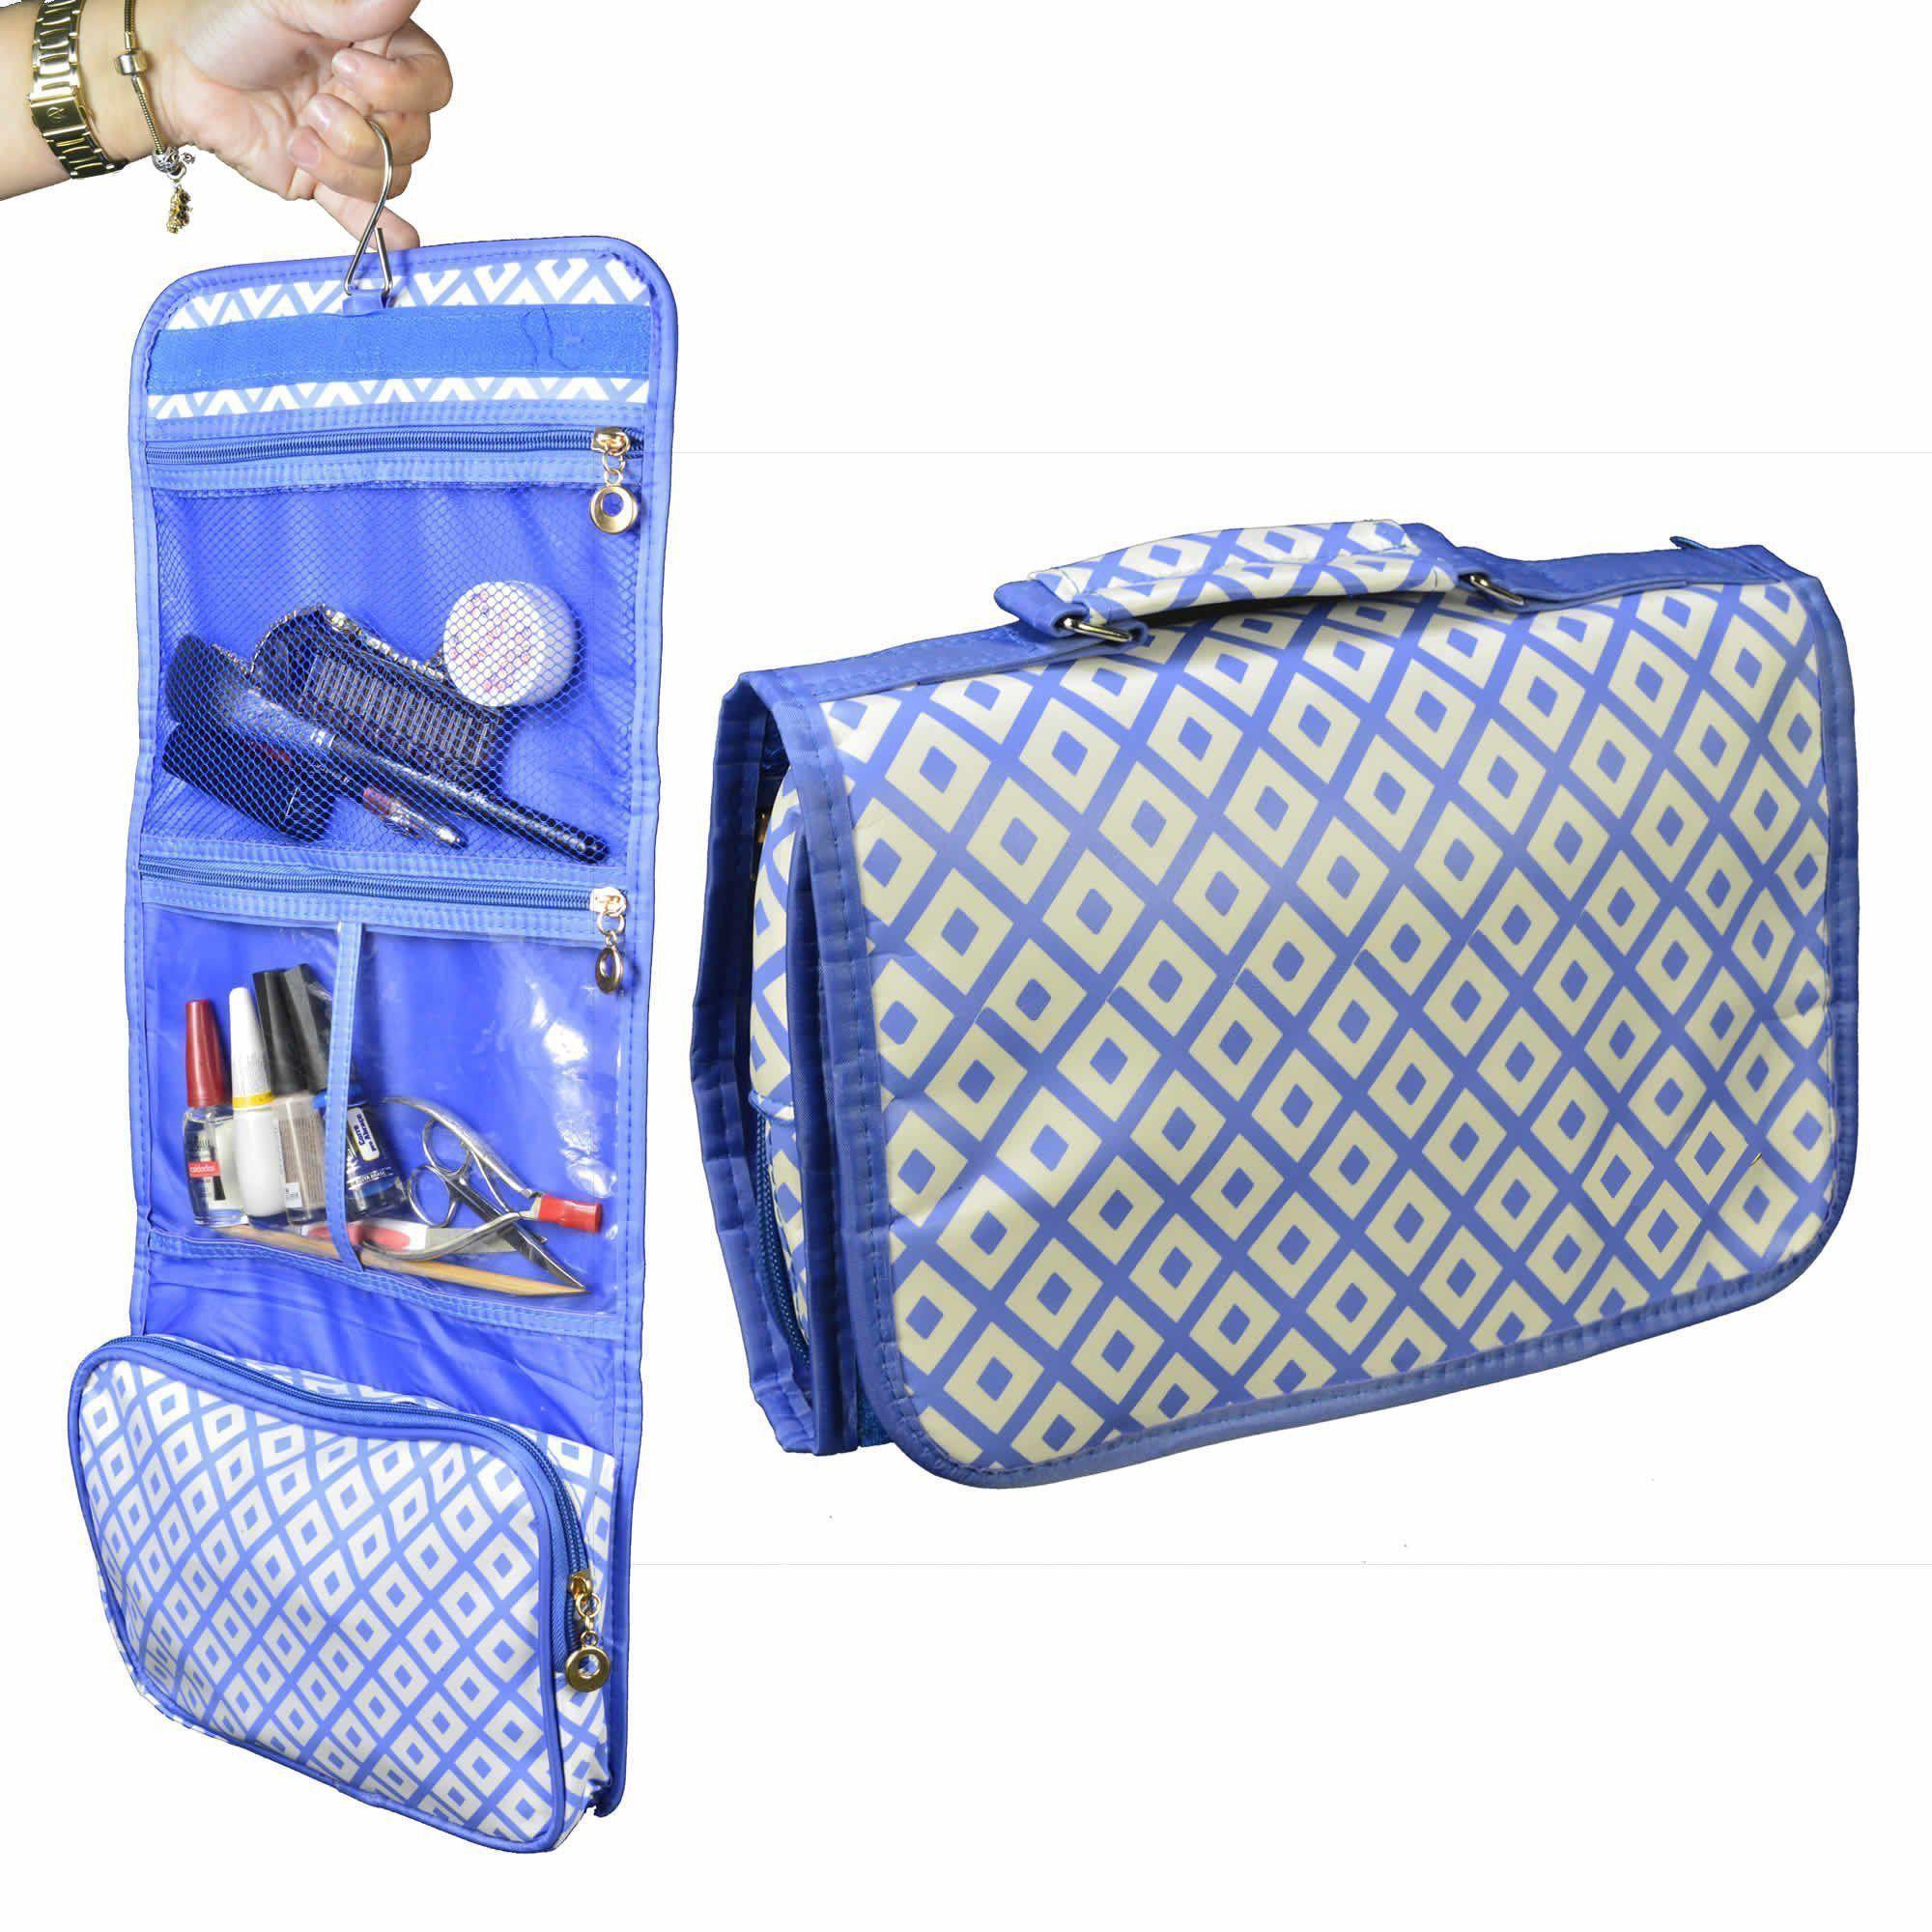 Necessaire Feminina Organizadora Azul CBRN05659